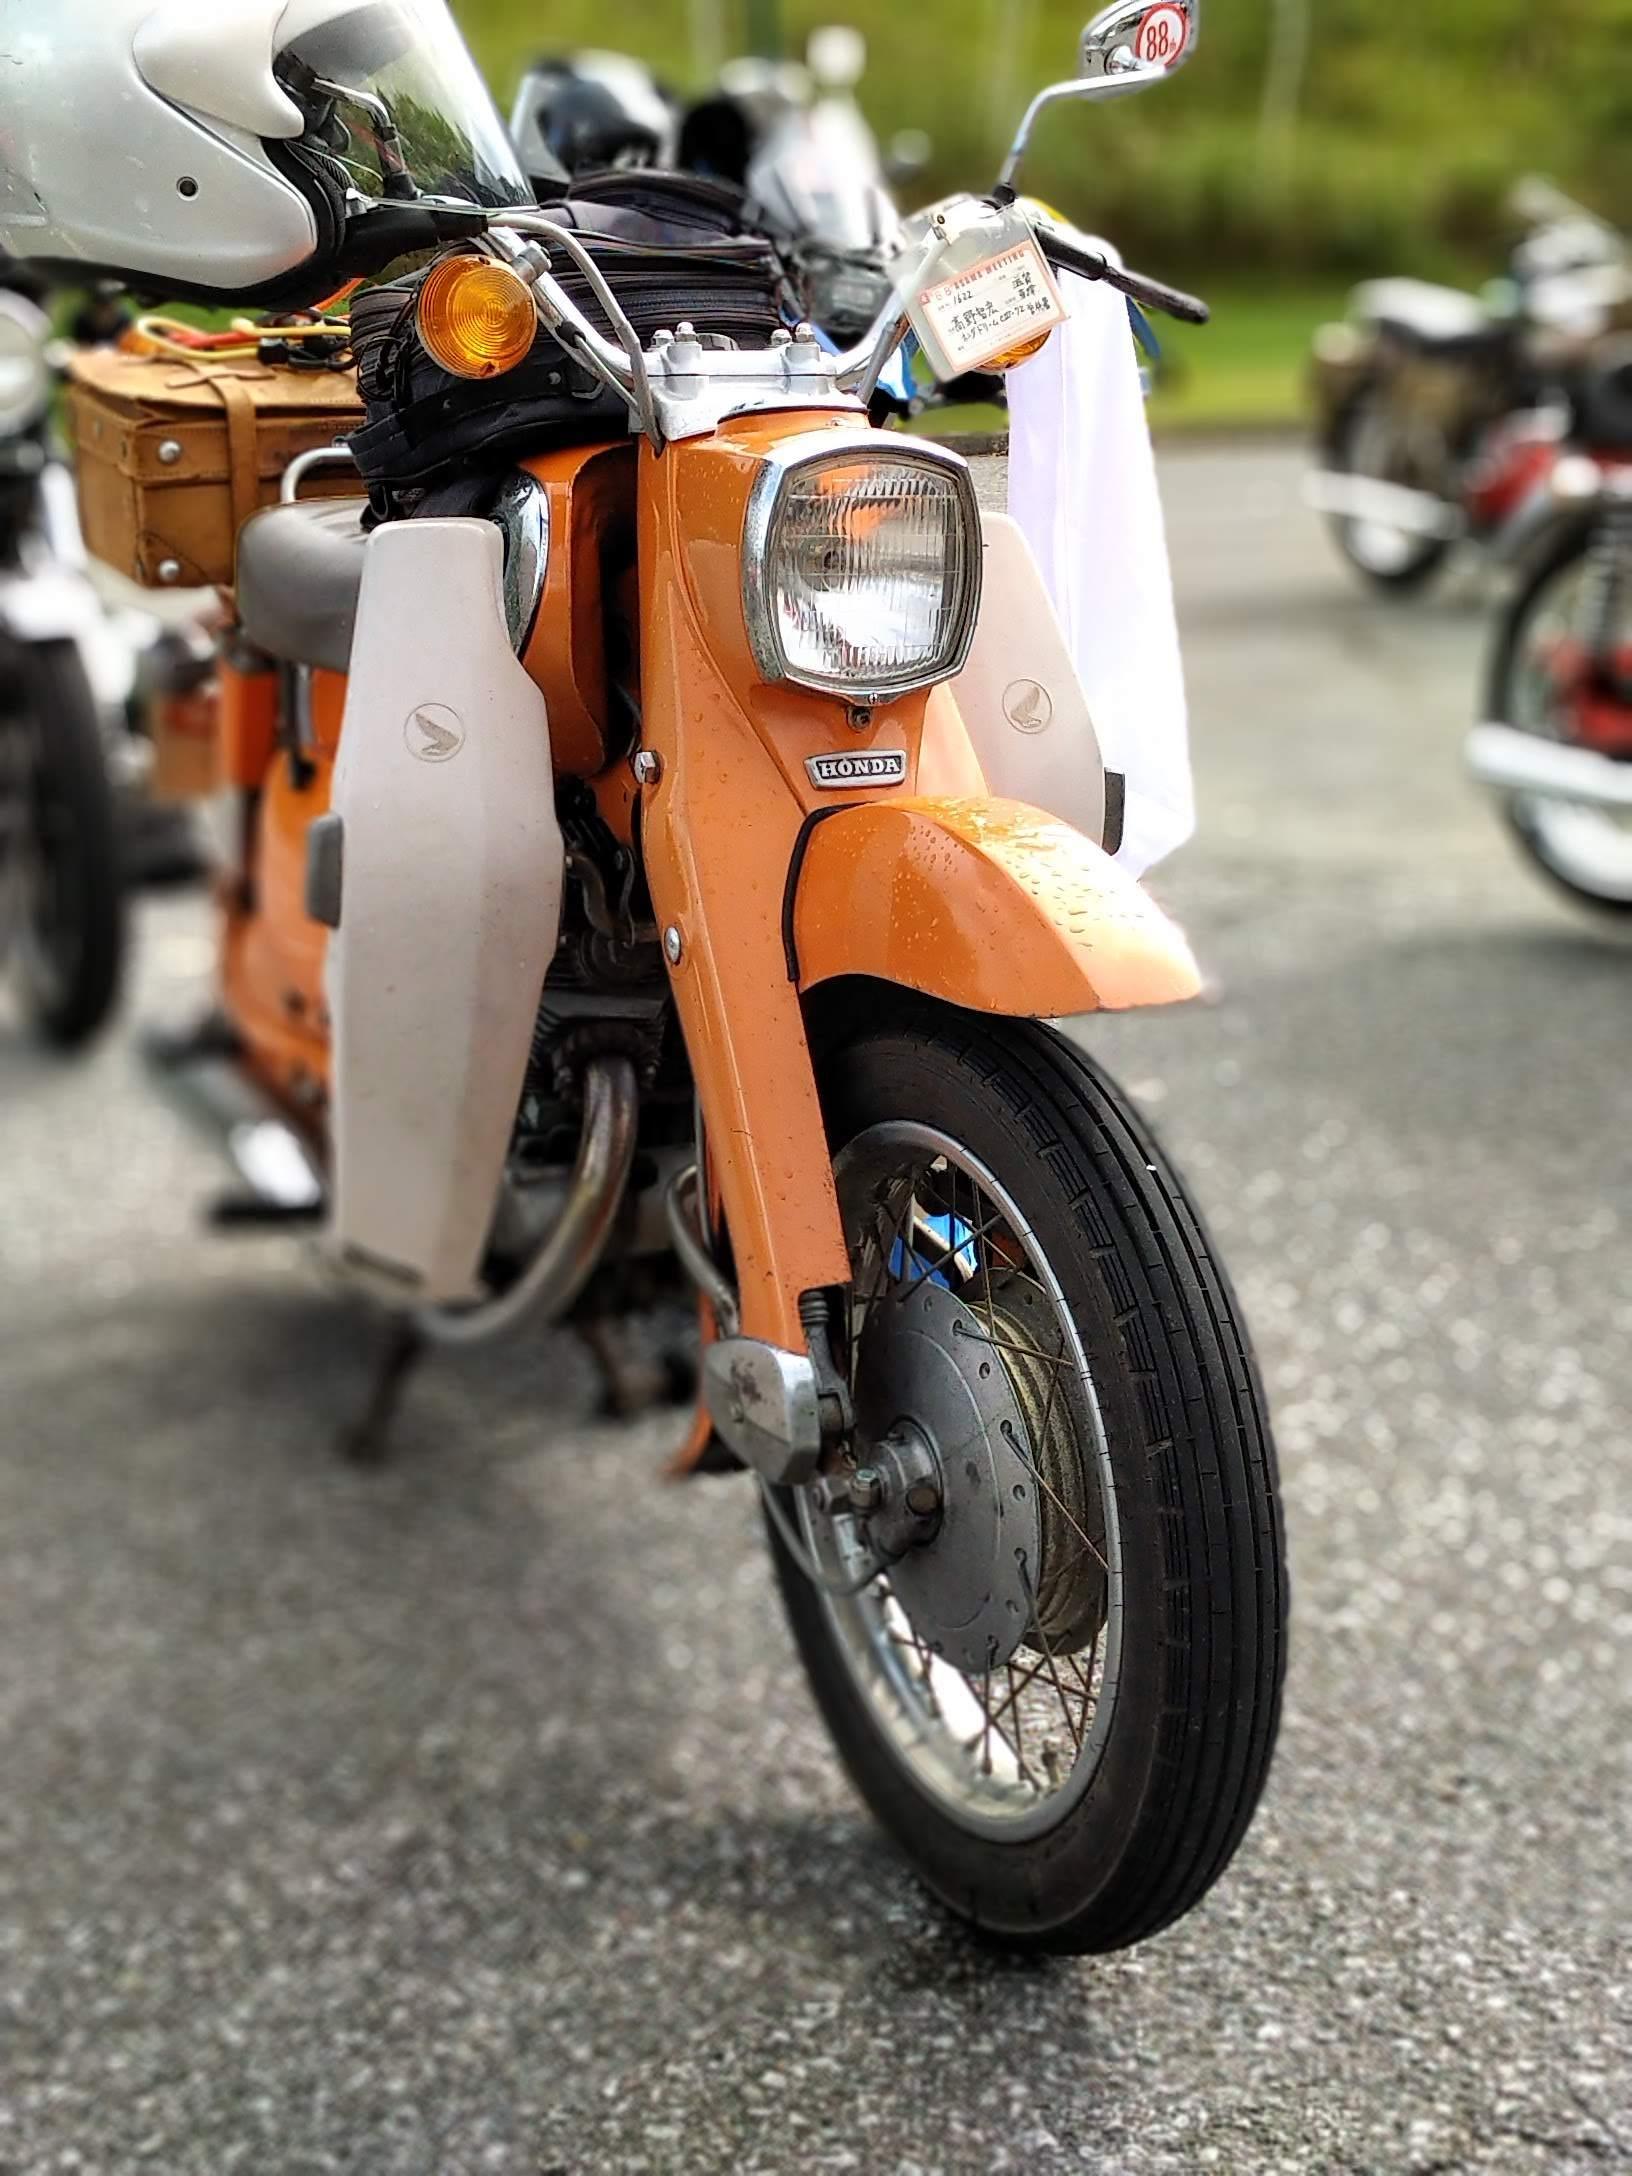 おぶそりつれづれ。オートバイまだ乗ってます?_f0200399_17254874.jpg